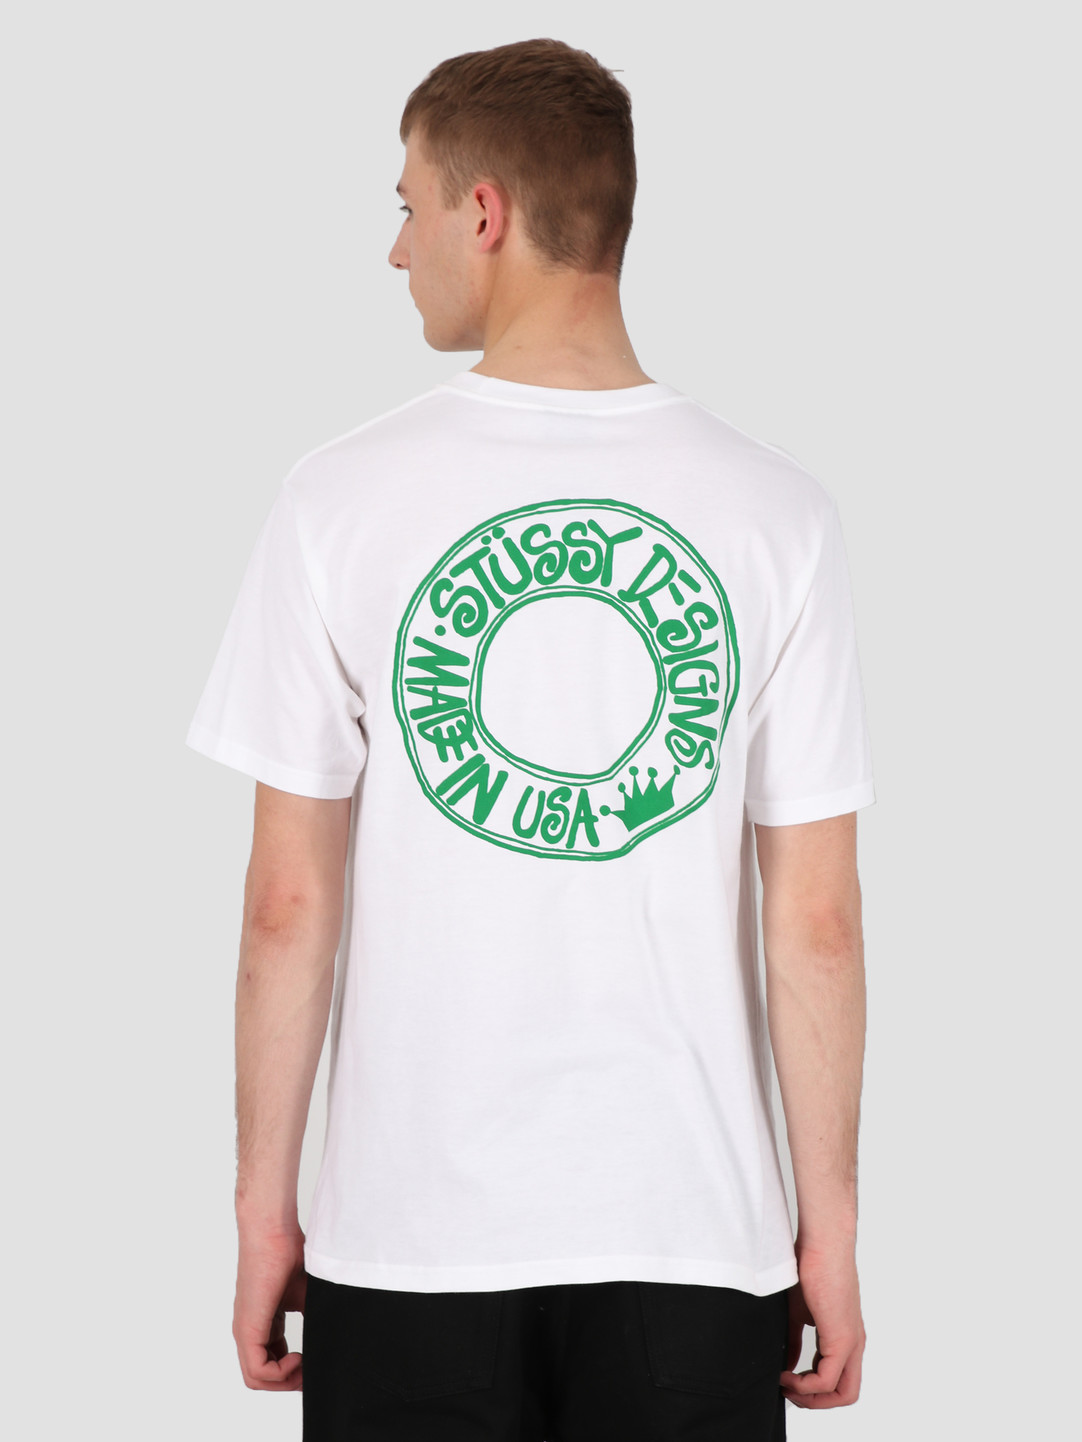 Stussy Stussy Buana T-Shirt White 1201